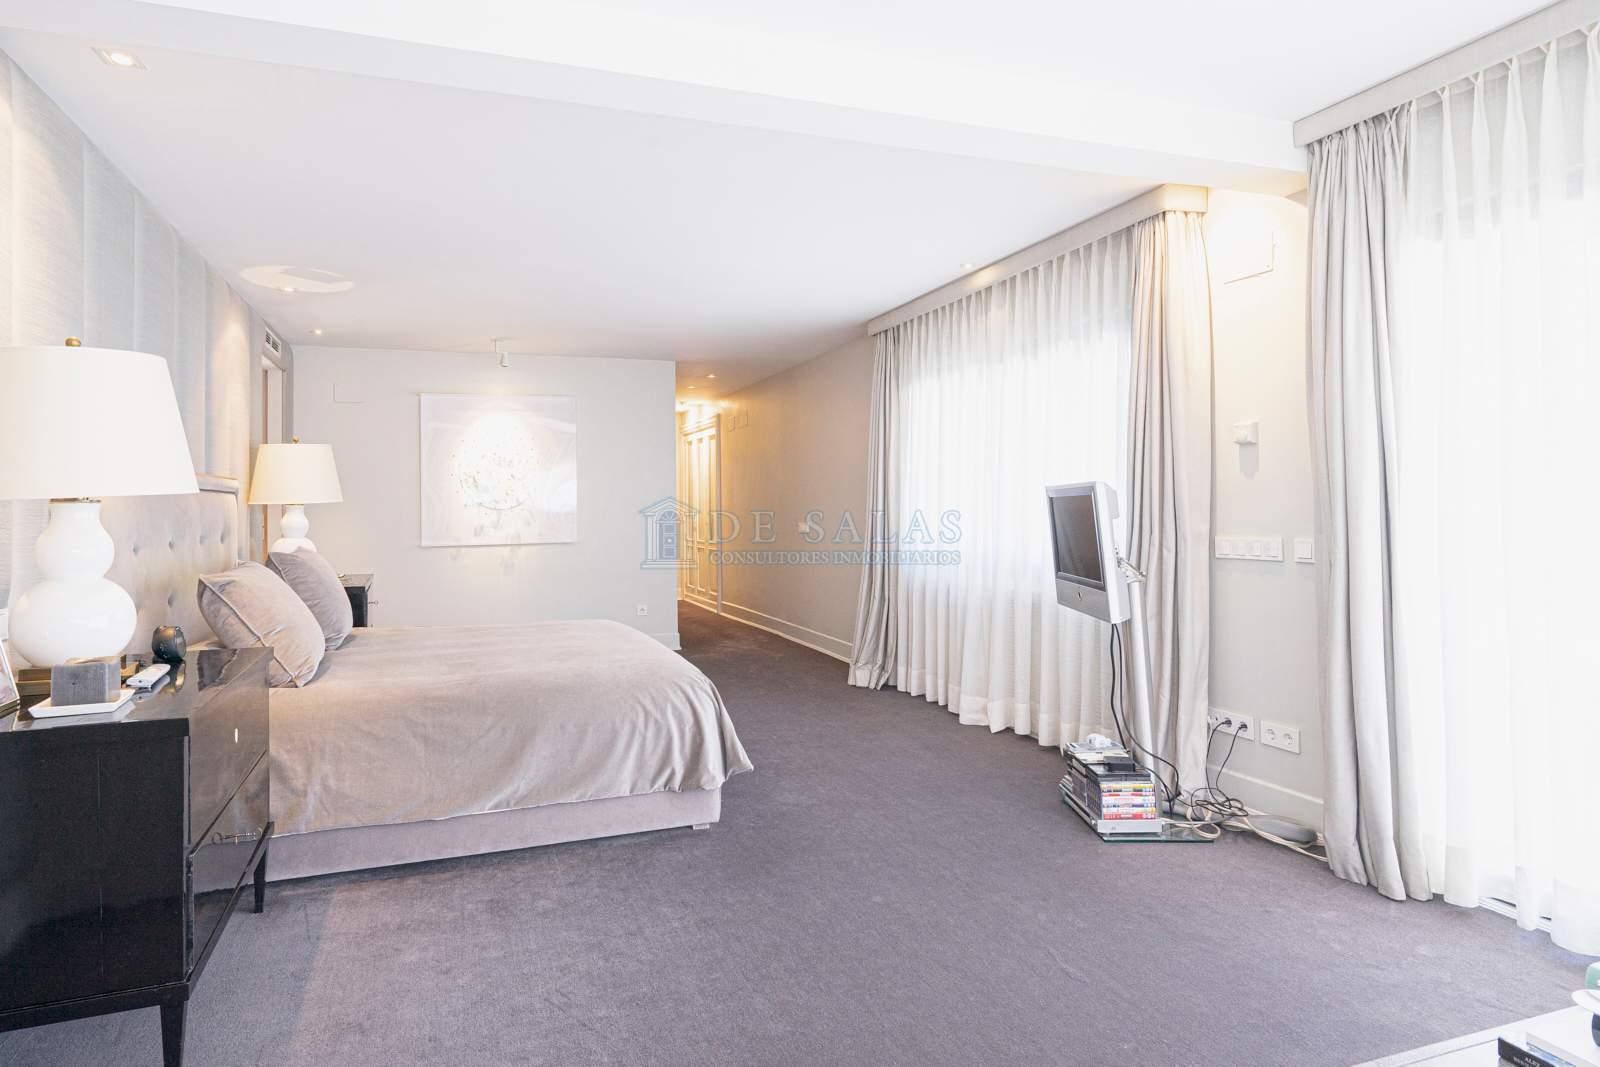 Dormitorio-0017 Maison La Moraleja